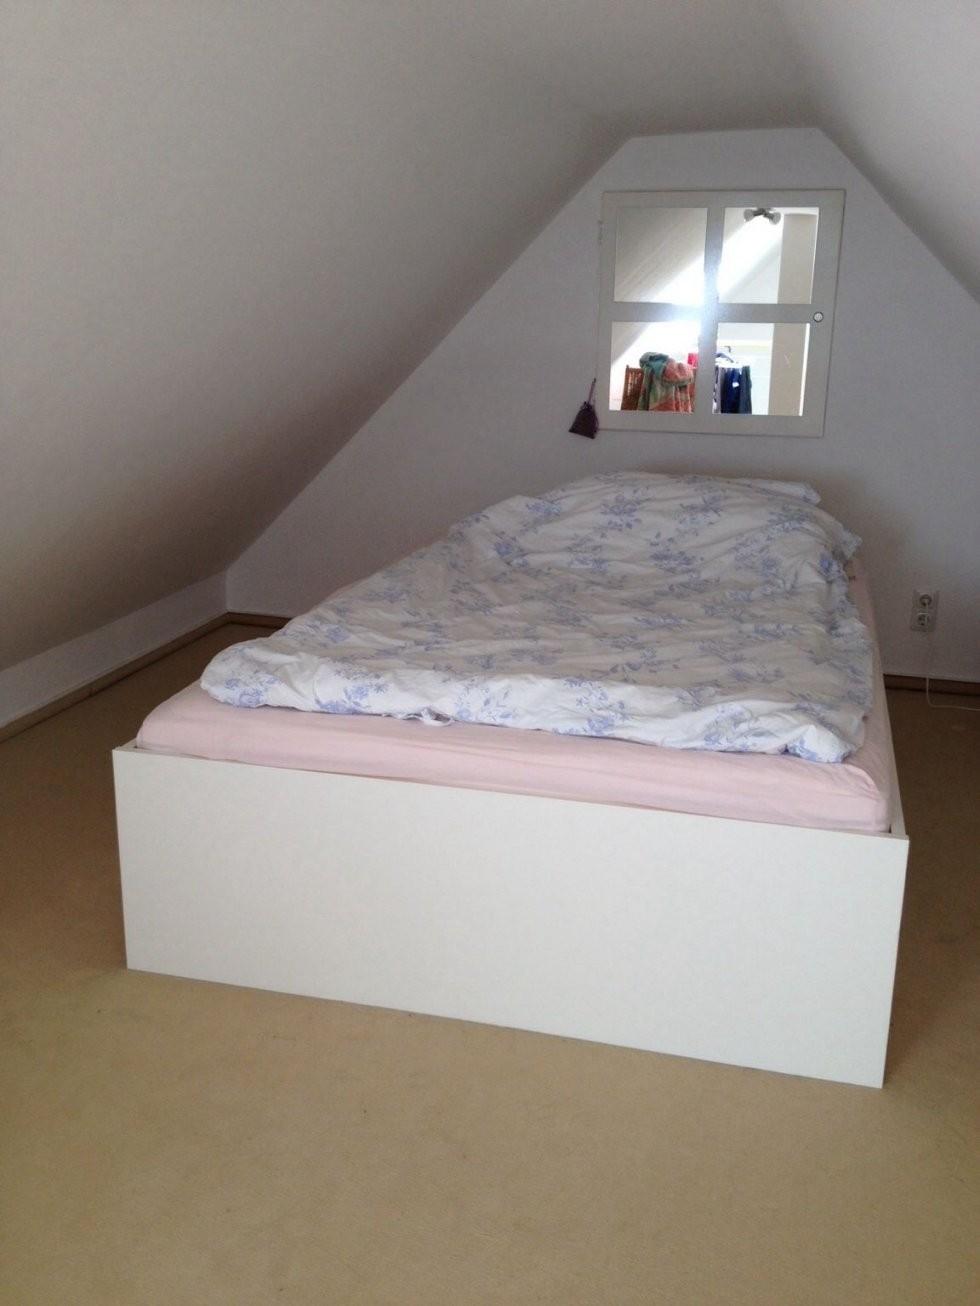 Gebraucht Bett Ikea Brimnes 140X200 Cm In 65760 Eschborn Um € 10000 von Ikea Brimnes Bett 140X200 Bild